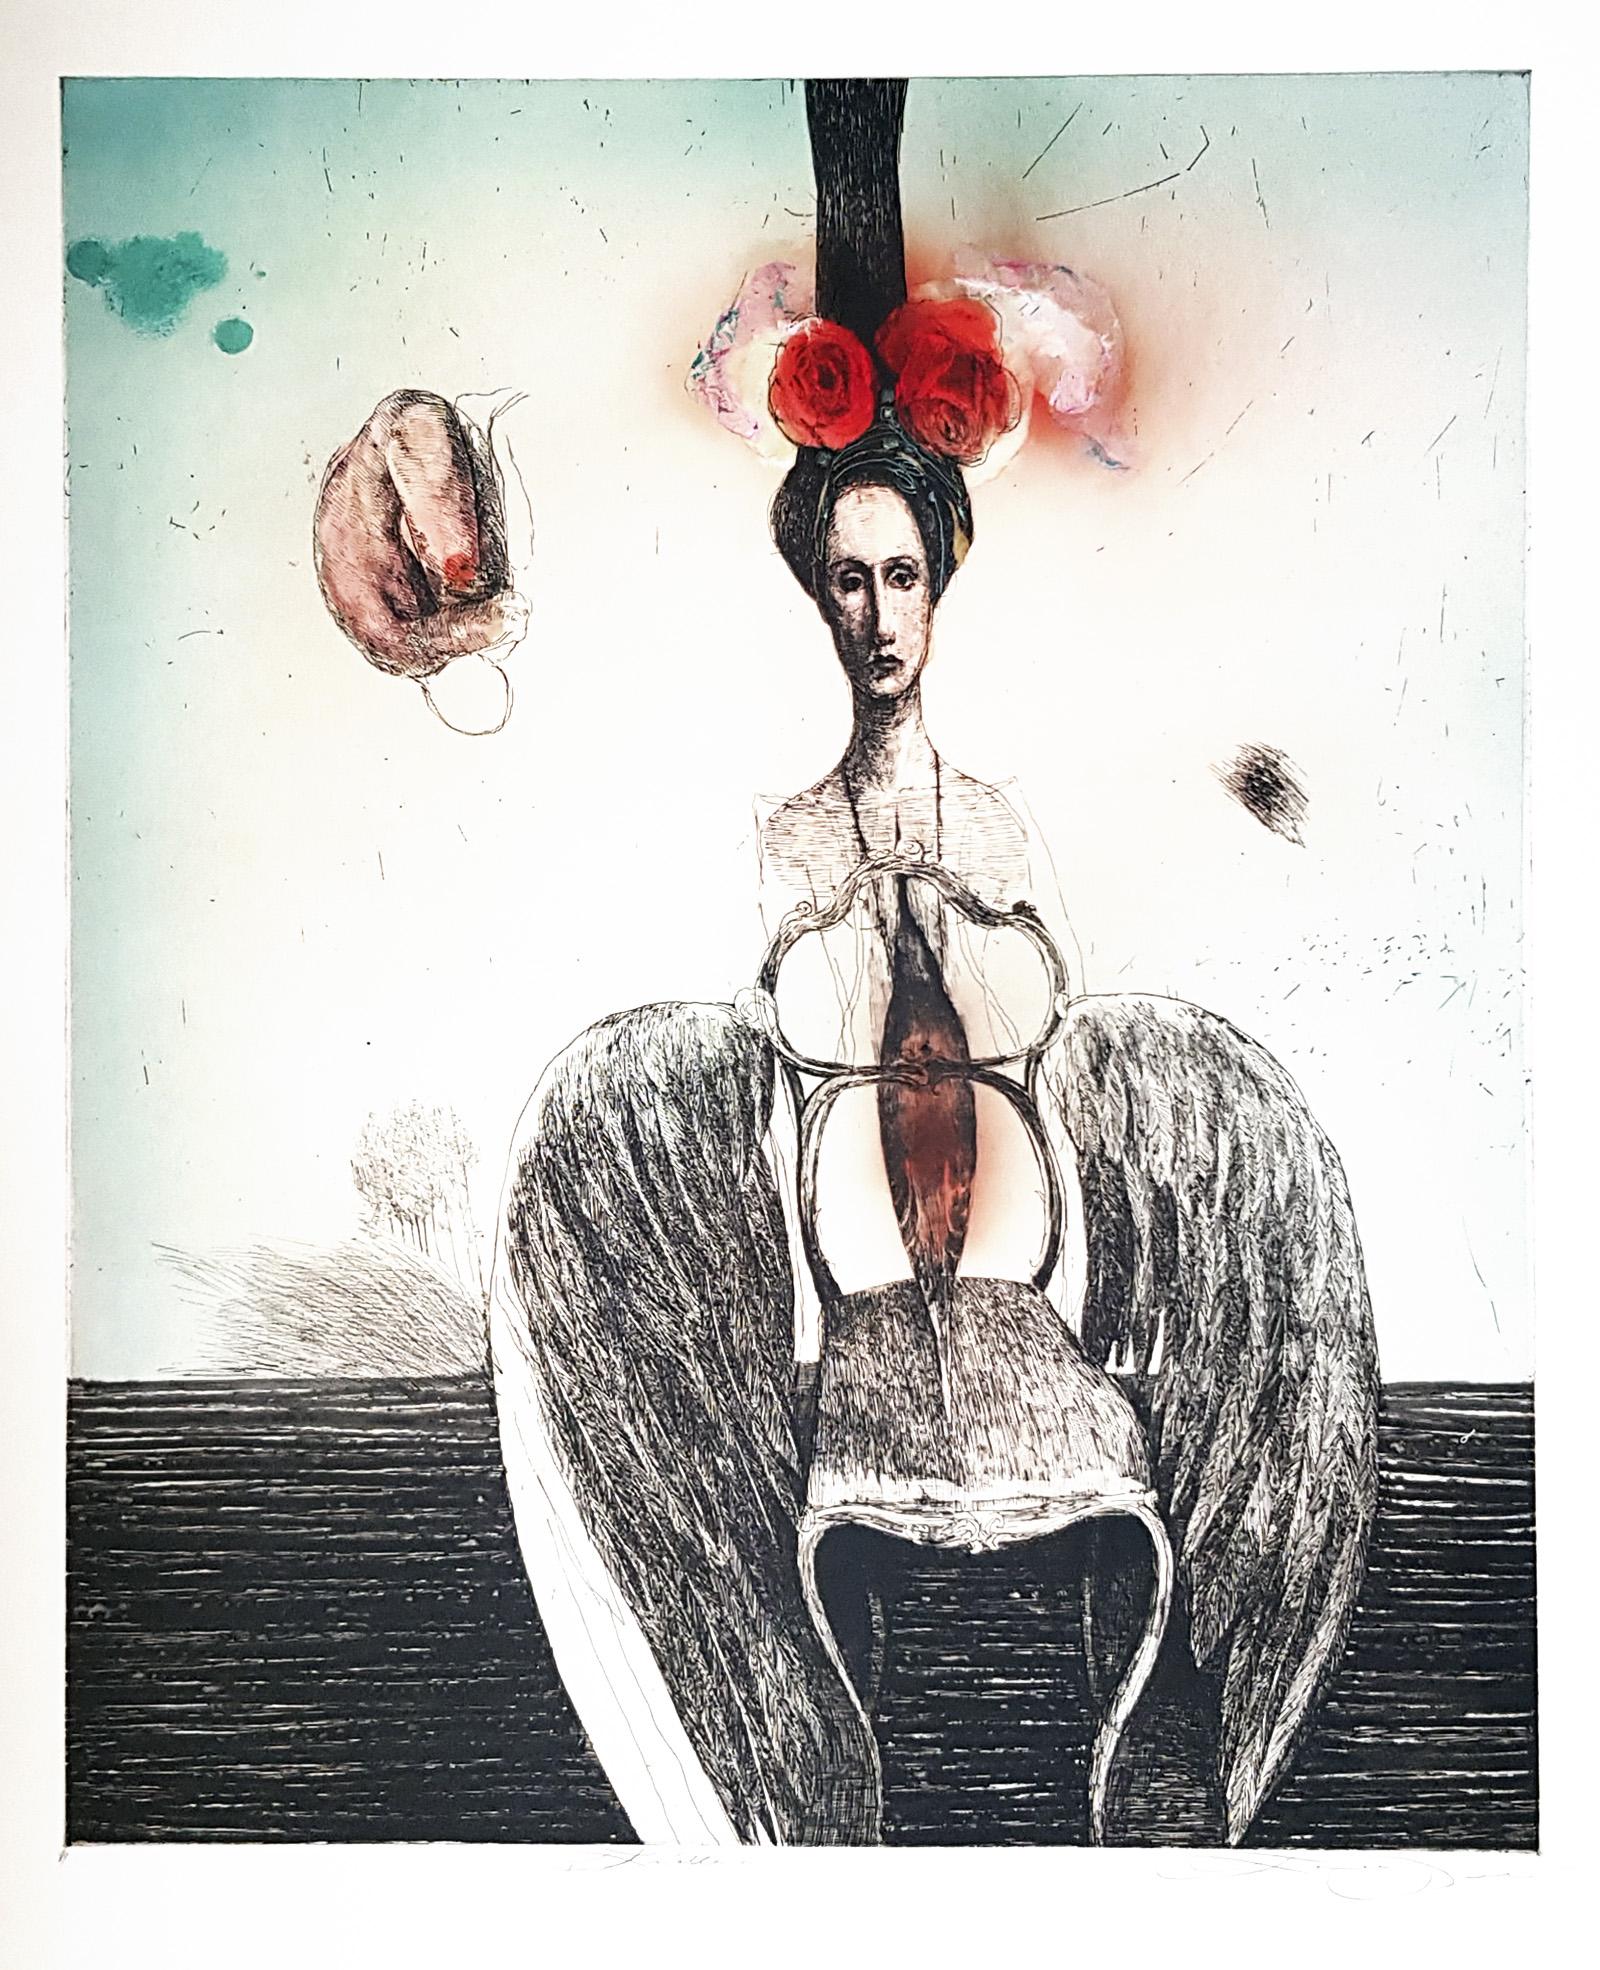 Krídla, Katarína Vavrová, Galéria Ave, rámovanie